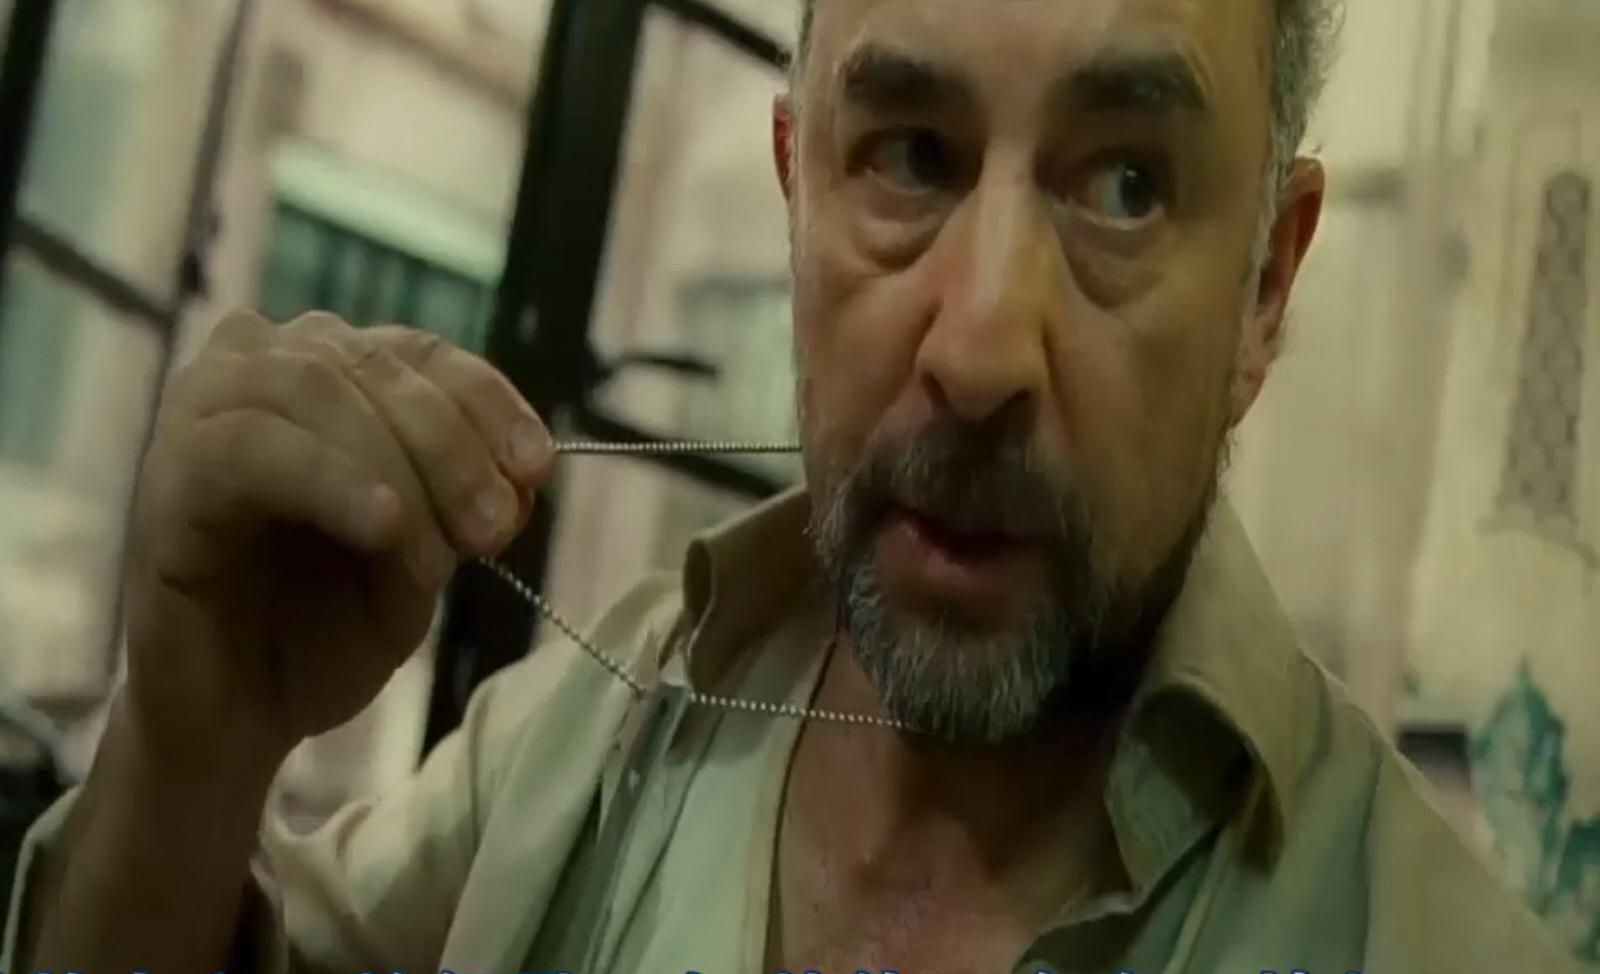 《憨豆特工2》:憨豆先生重出江湖当特工,但却被诬陷为内奸!